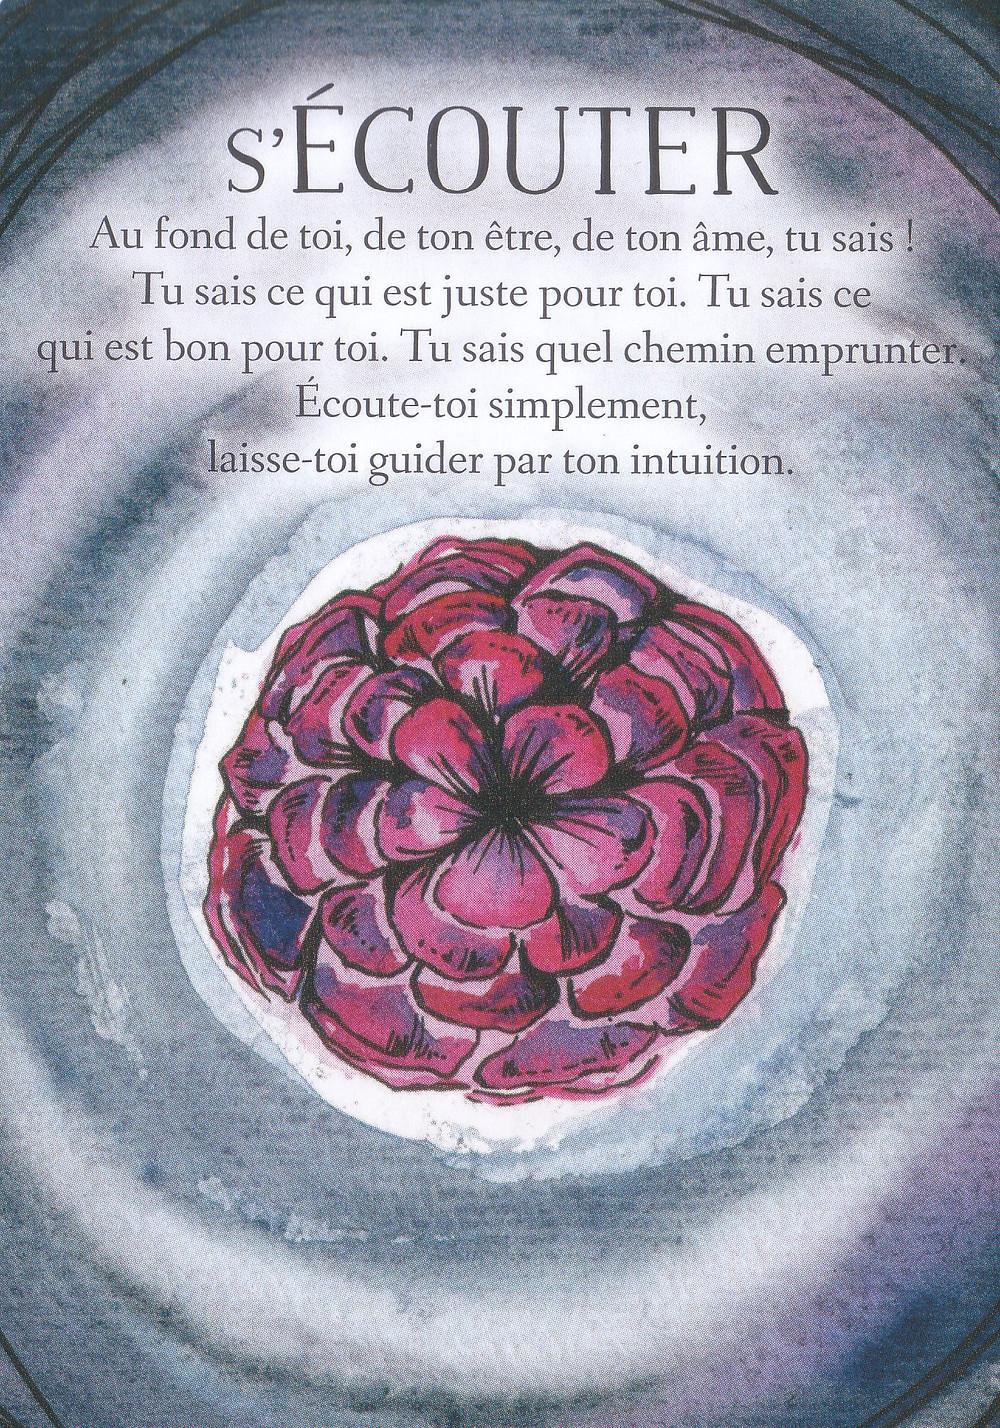 Carte de L'Oracle des messages de ton âme, de Charlotte Daynes - Énergies du weekend et Nouvelle Lune du 12 avril 2021 :  S'écouter pour garder l'équilibre !